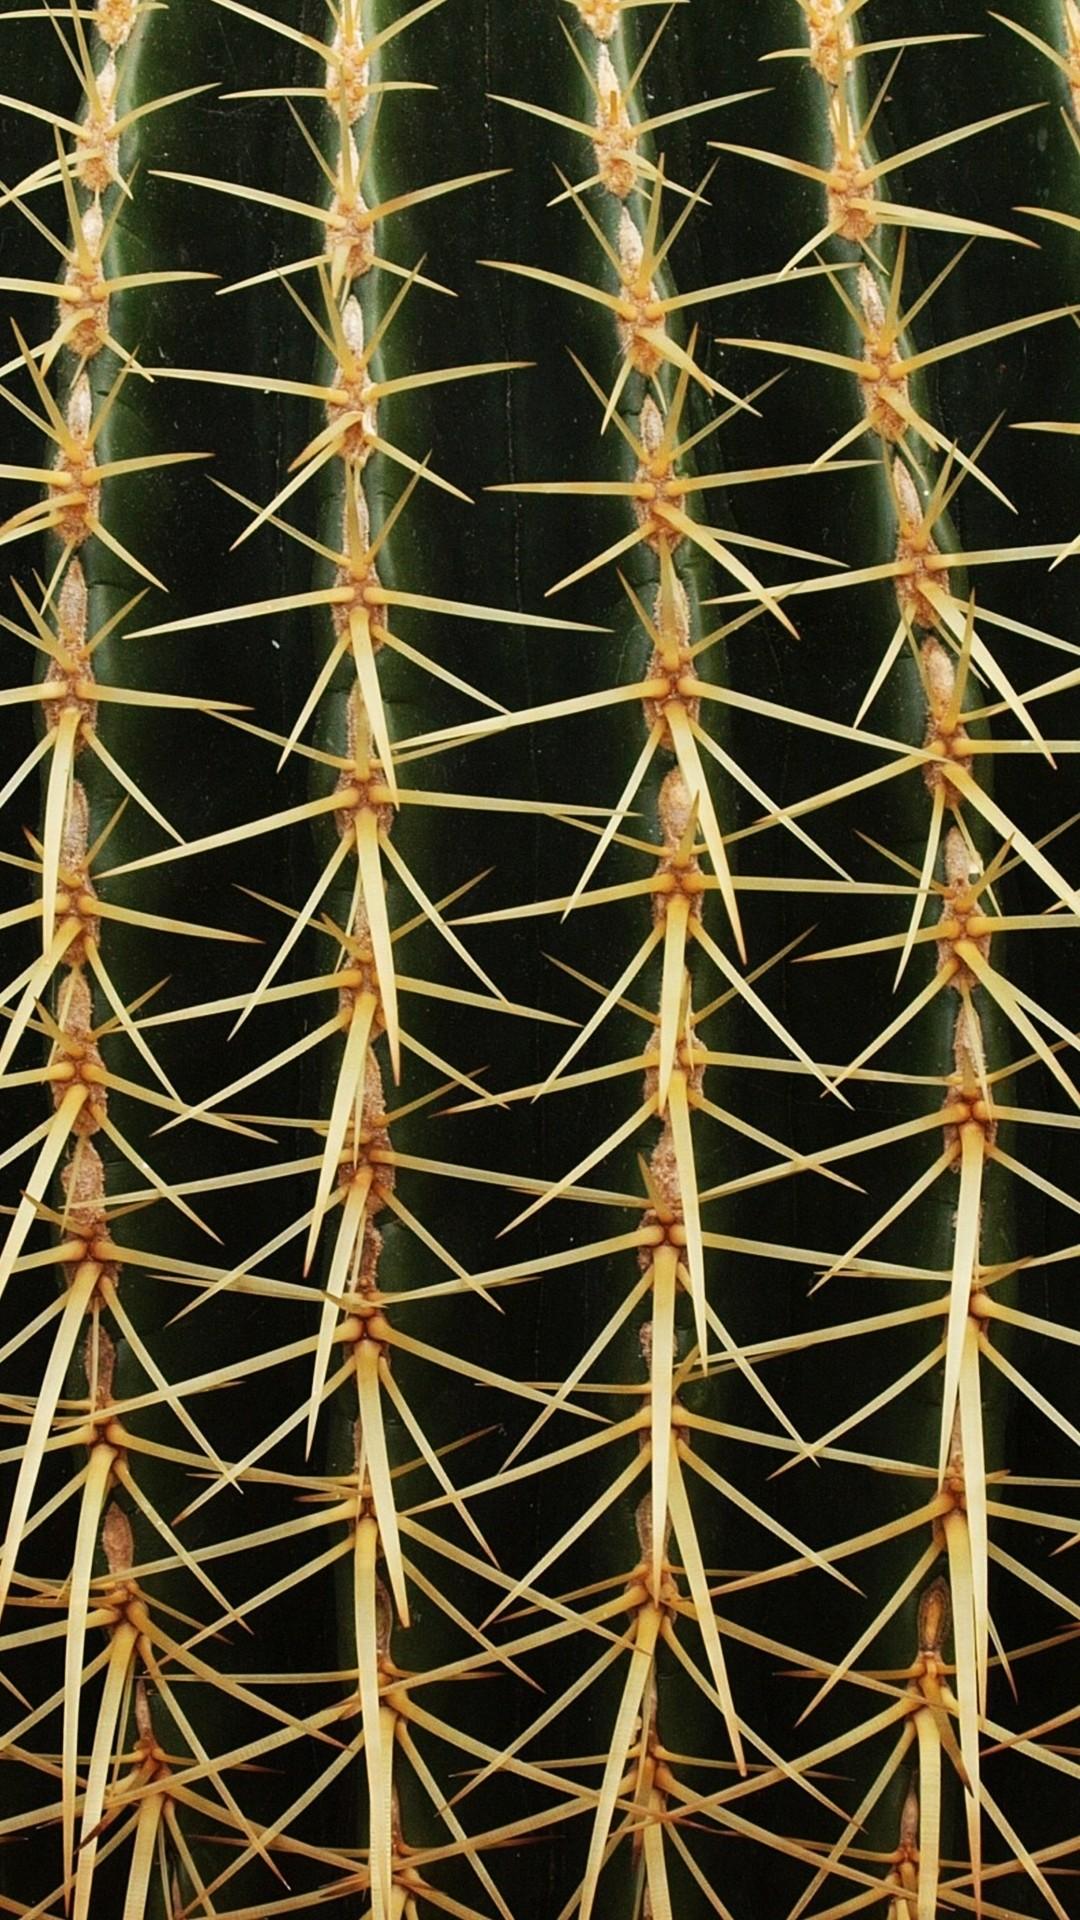 Cactus iphone 8 plus wallpaper